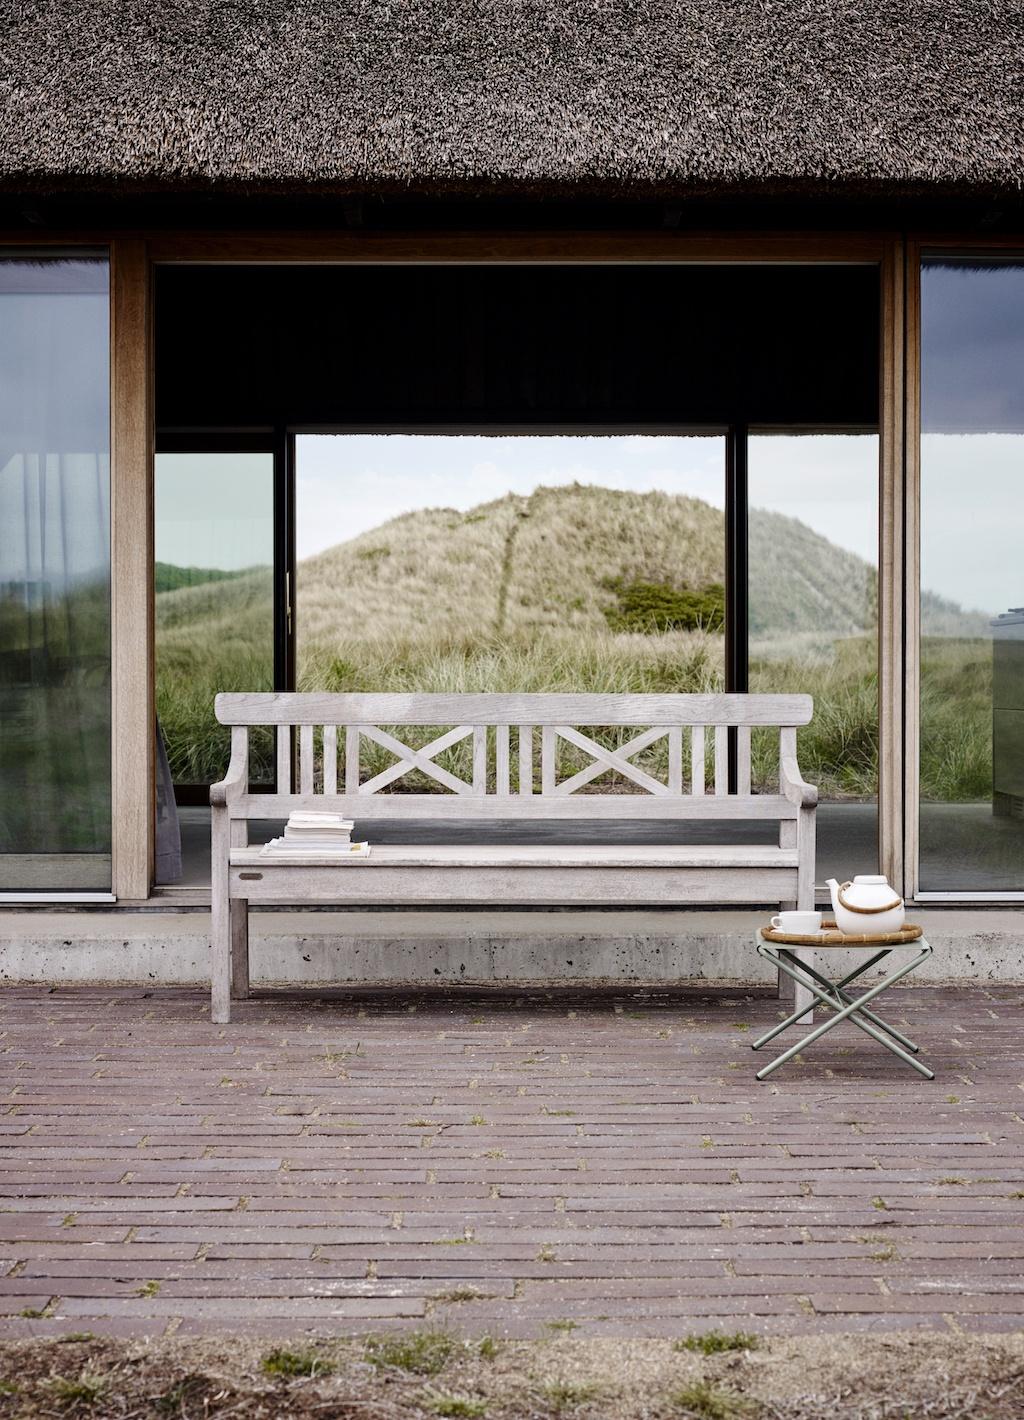 zukünftiges Erbstück im Garten aka. Drachmann Gartenbank auf Terrasse